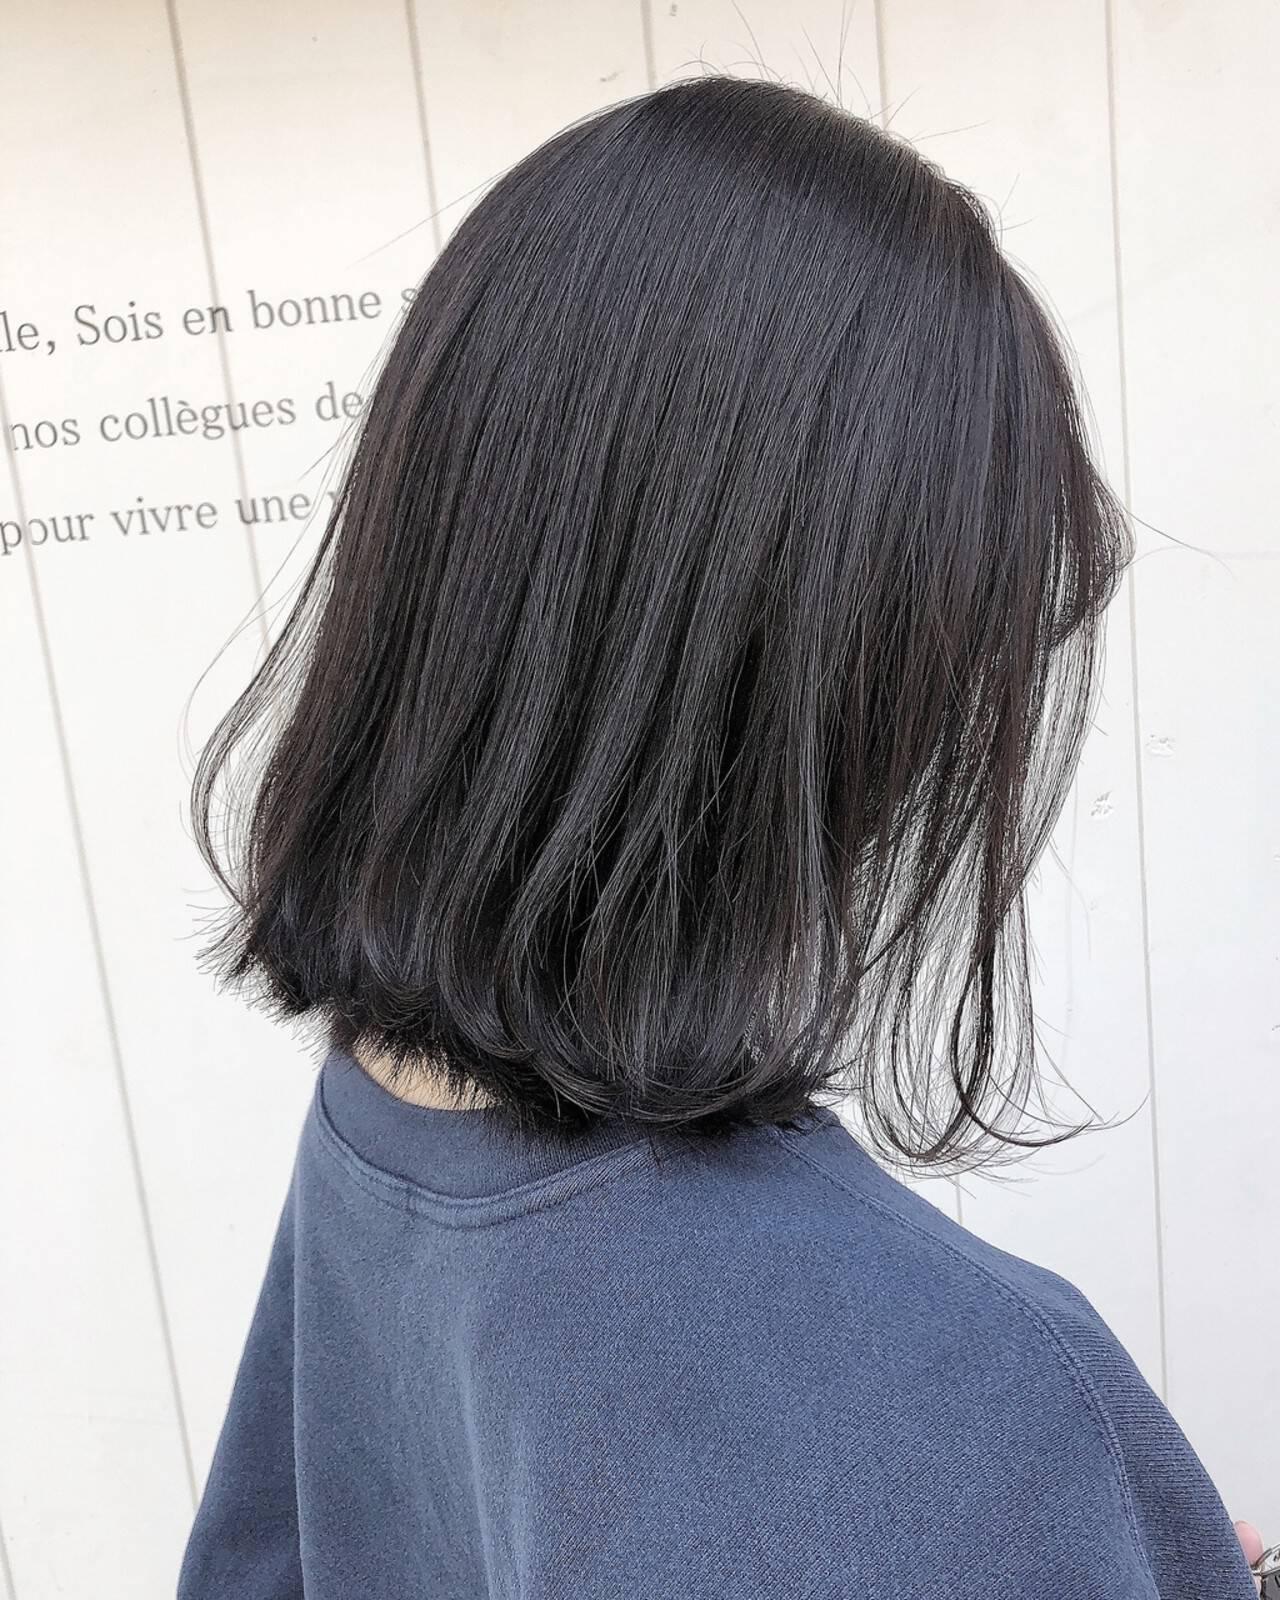 透明感カラー ナチュラル ミディアムヘアー 20代ヘアスタイルや髪型の写真・画像